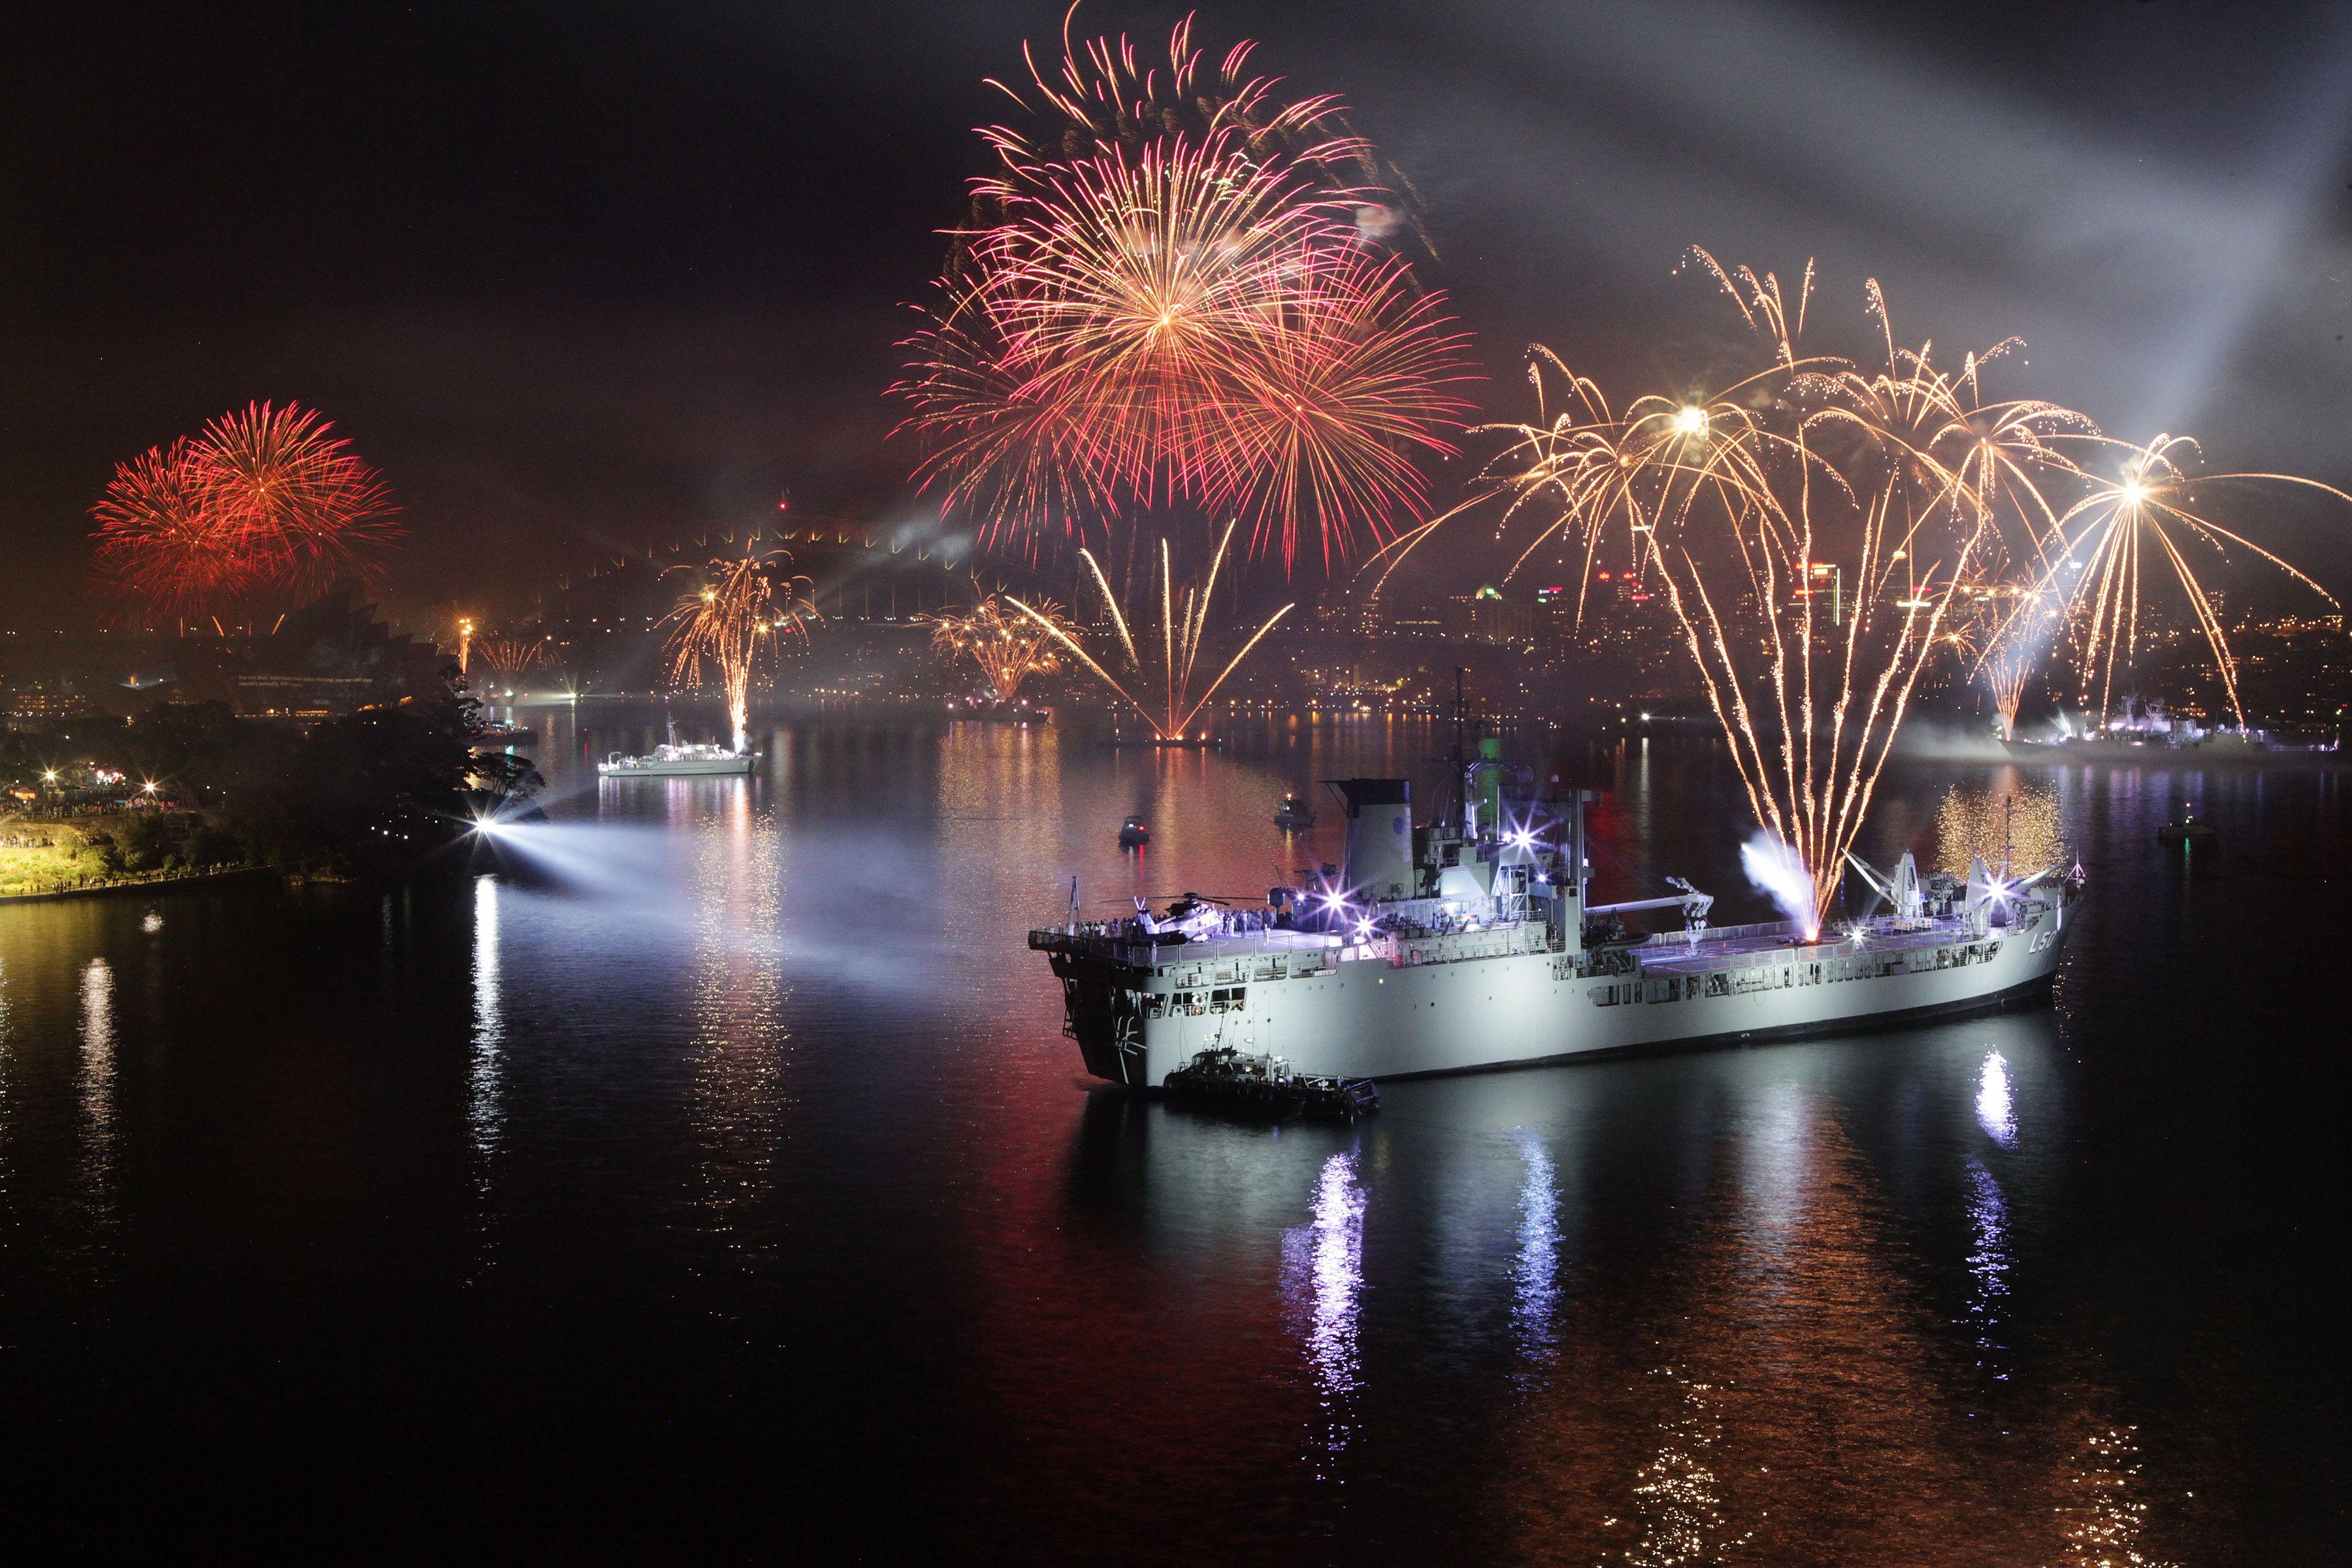 IFR Spectacular - ♒ www.pinterest.com/WhoLoves/International-Fleet-Review-2013 ♒  #FleetReview2013